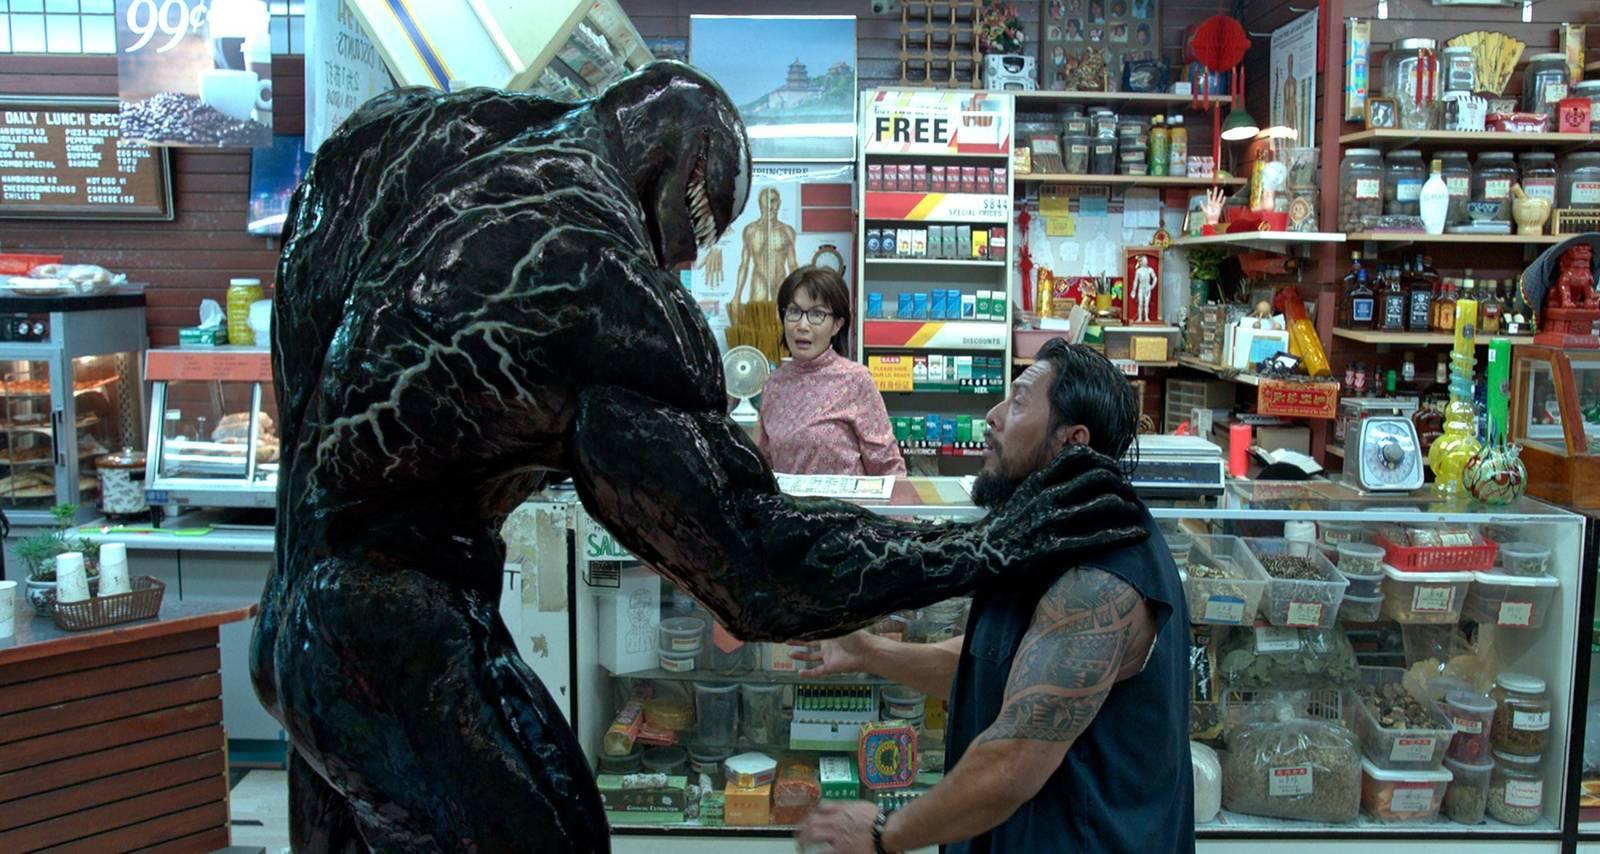 Venom stoppar rånare.